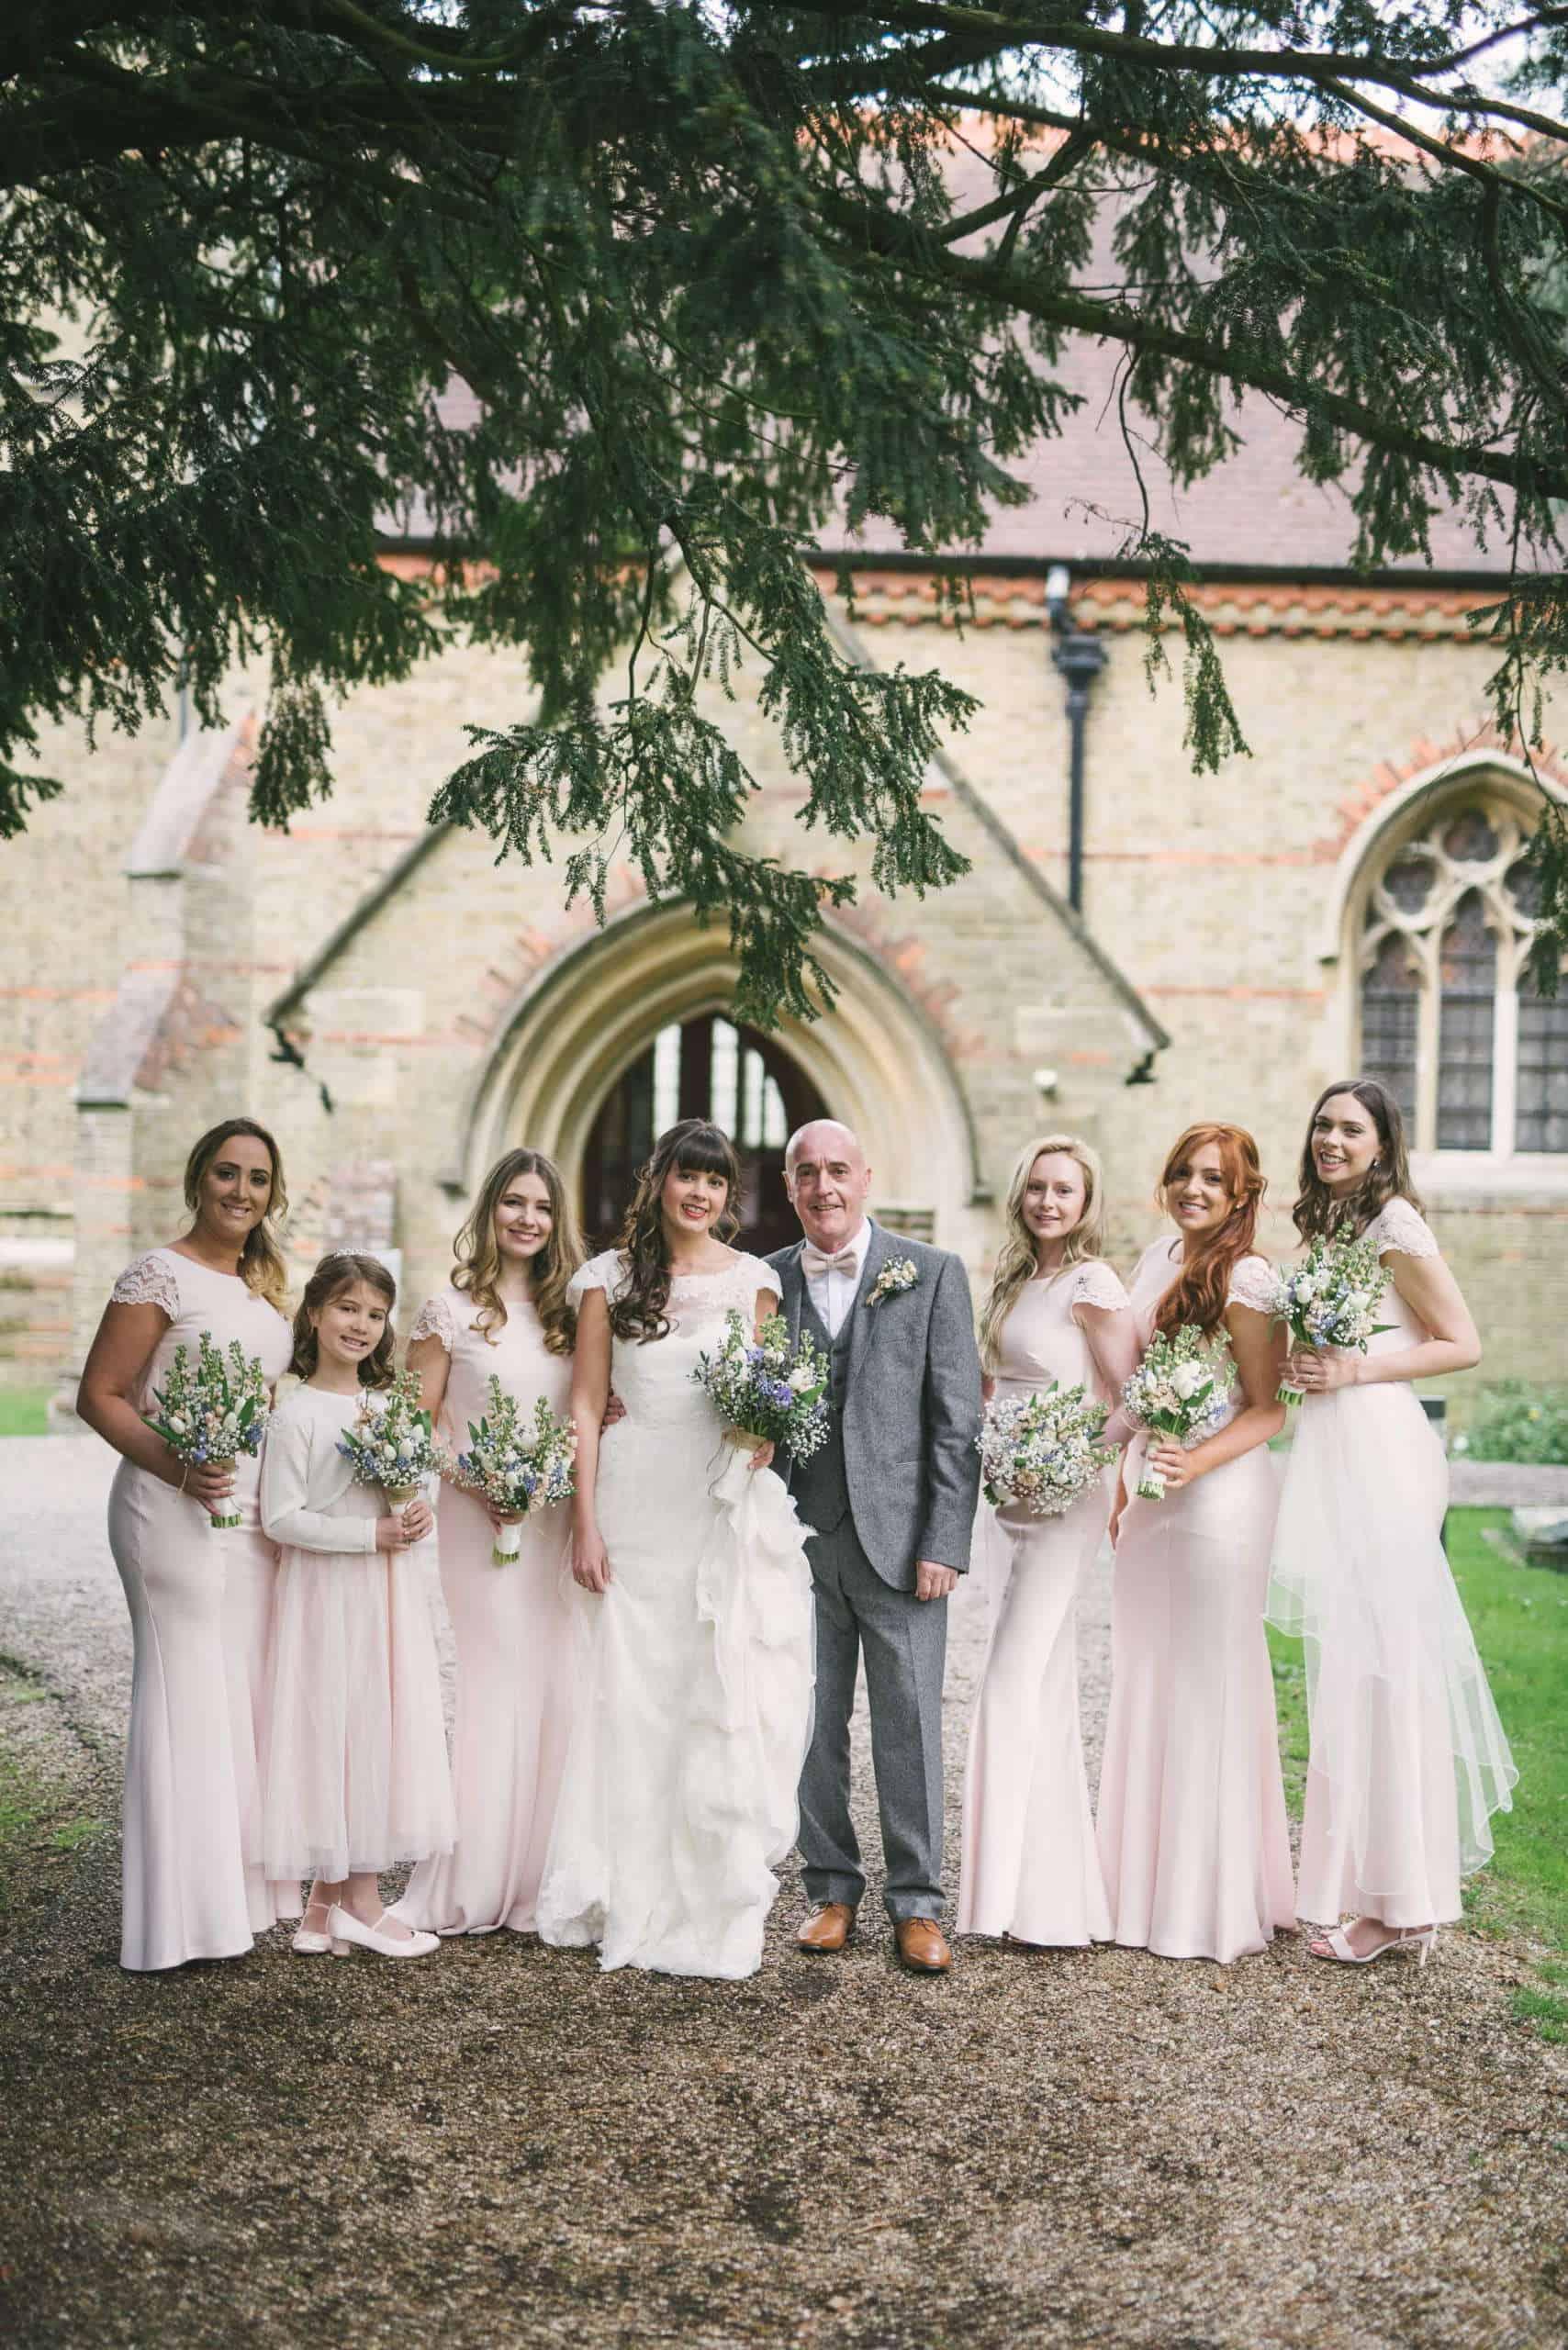 230416 Essex Wedding Photography Baddow Gallerywood 028